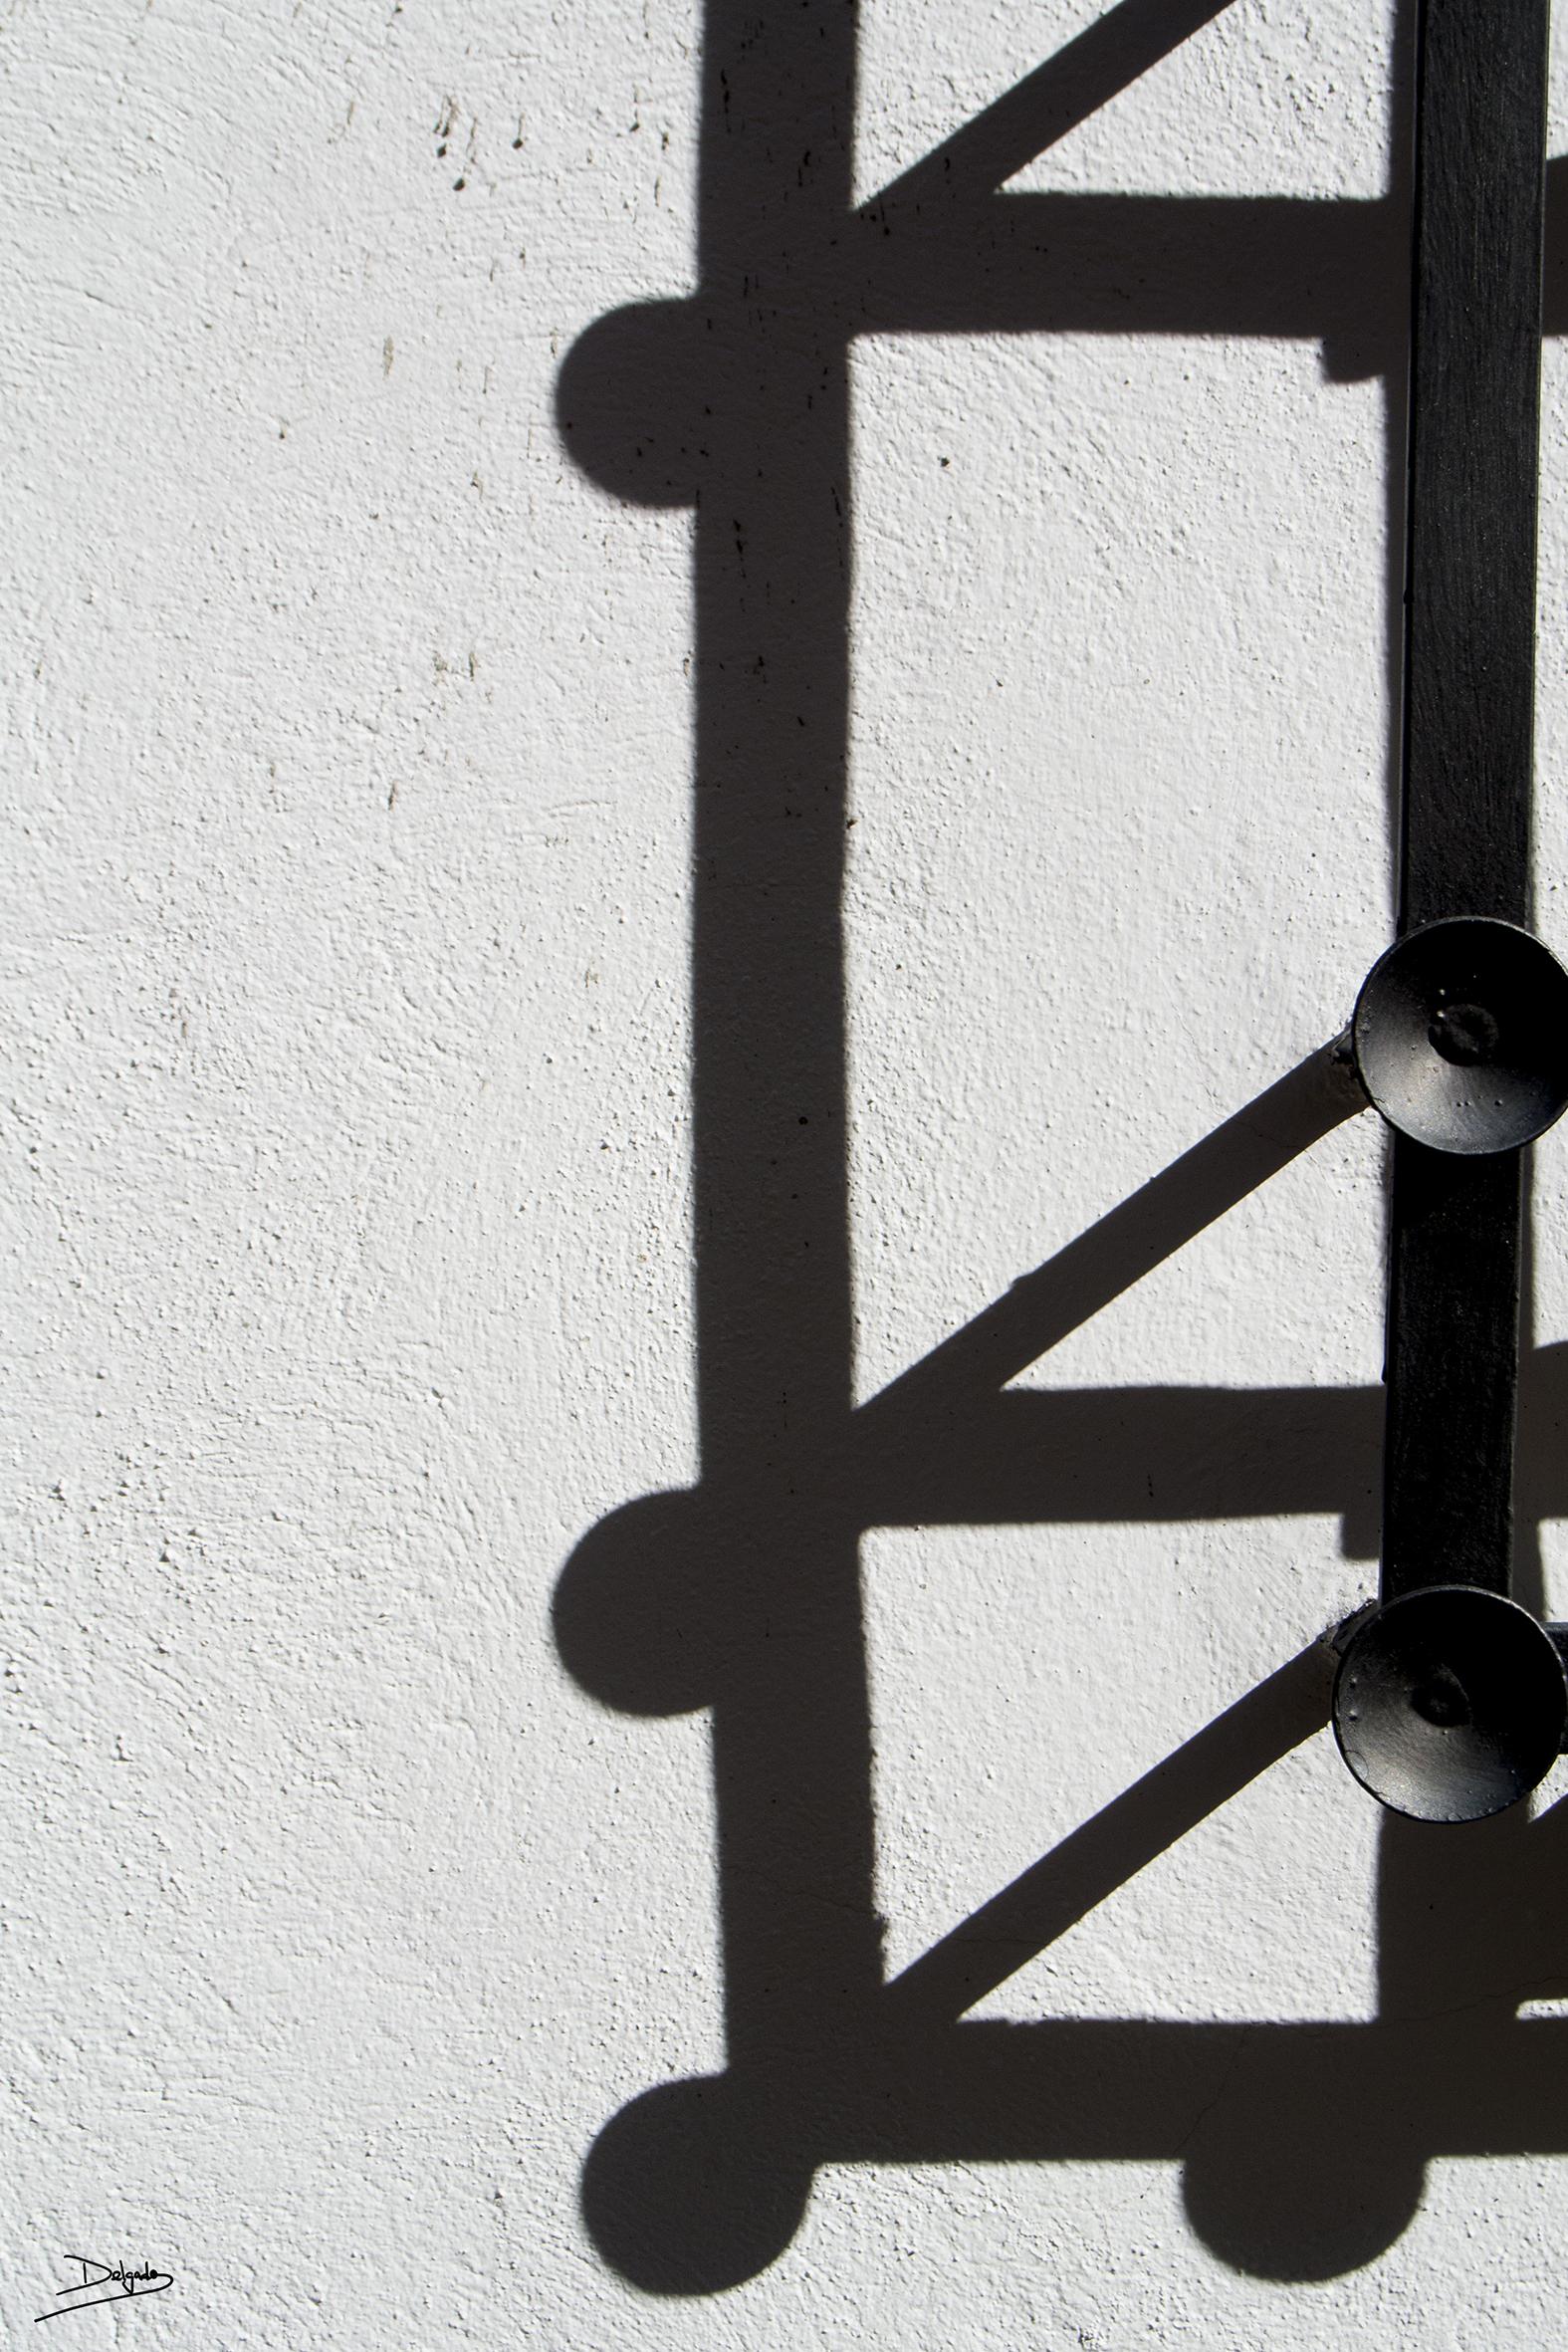 Fotos del día: Sombras